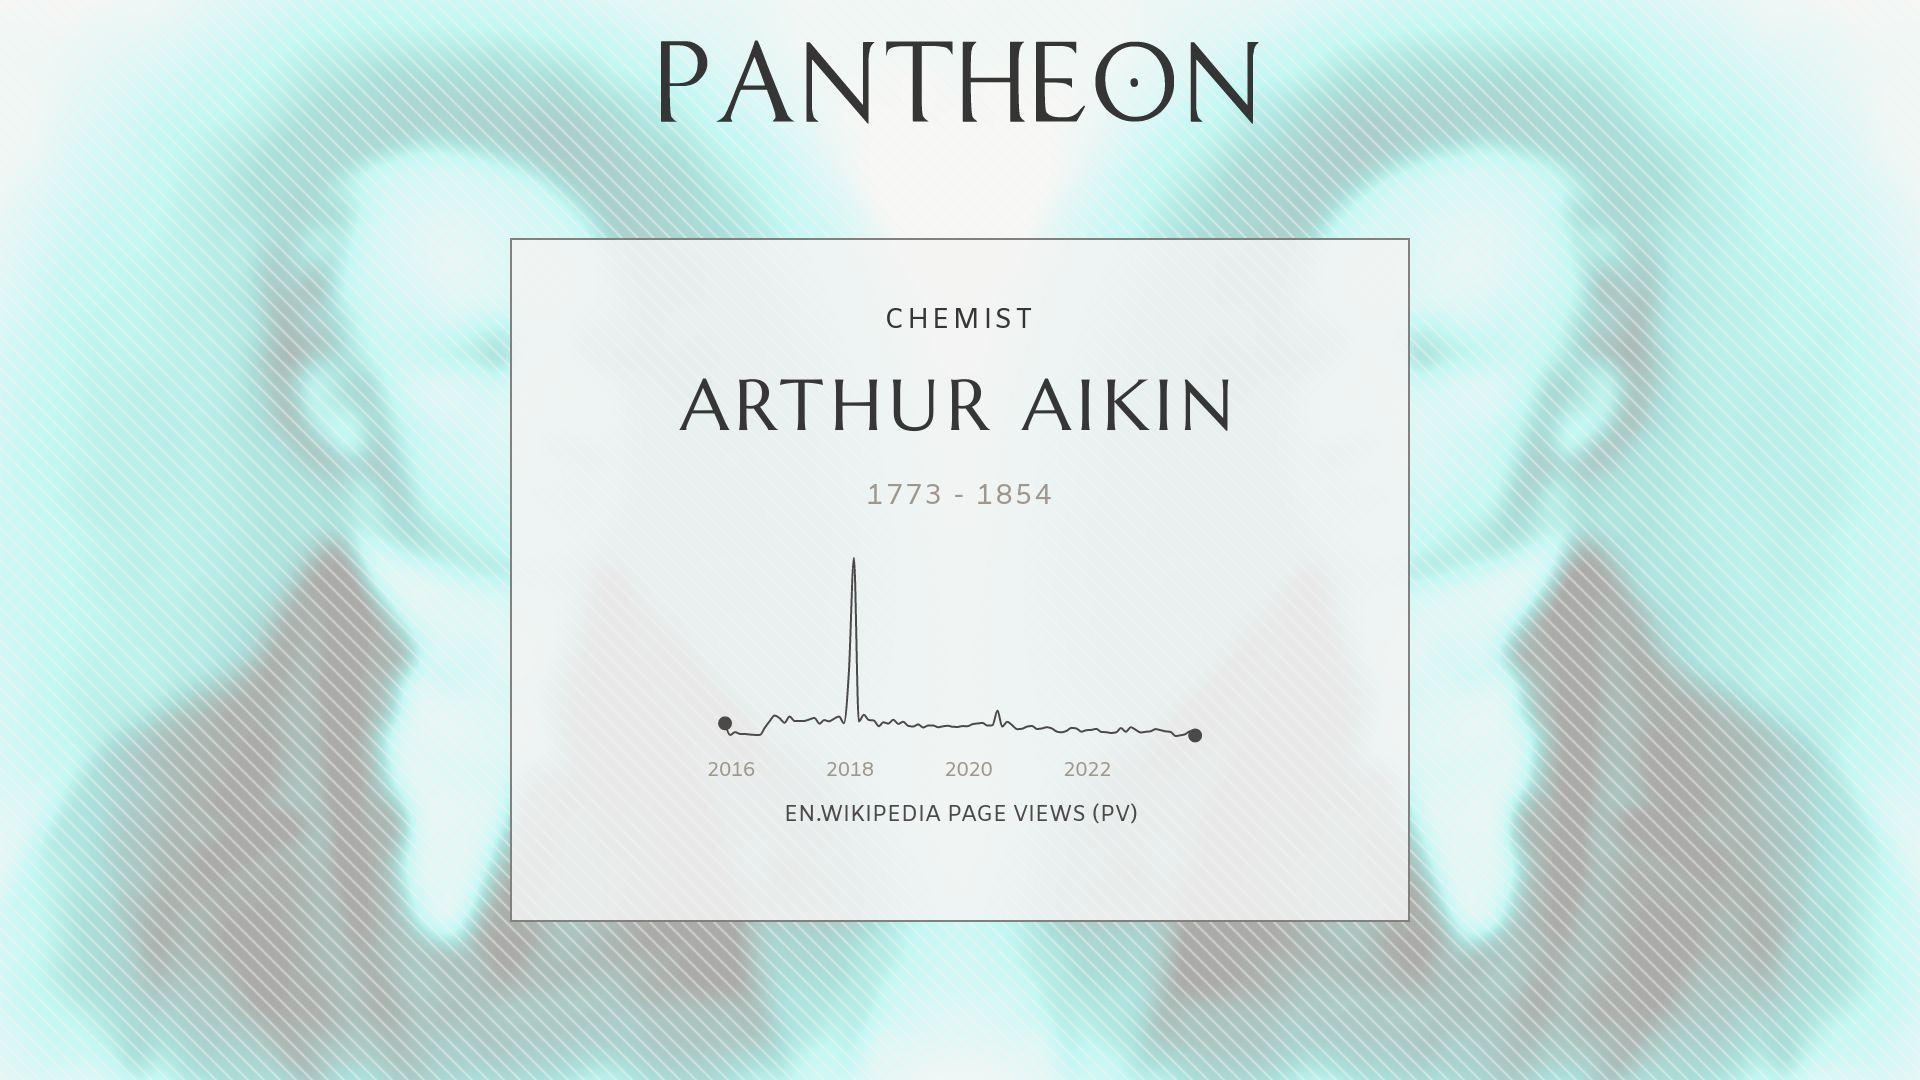 Arthur Aikin